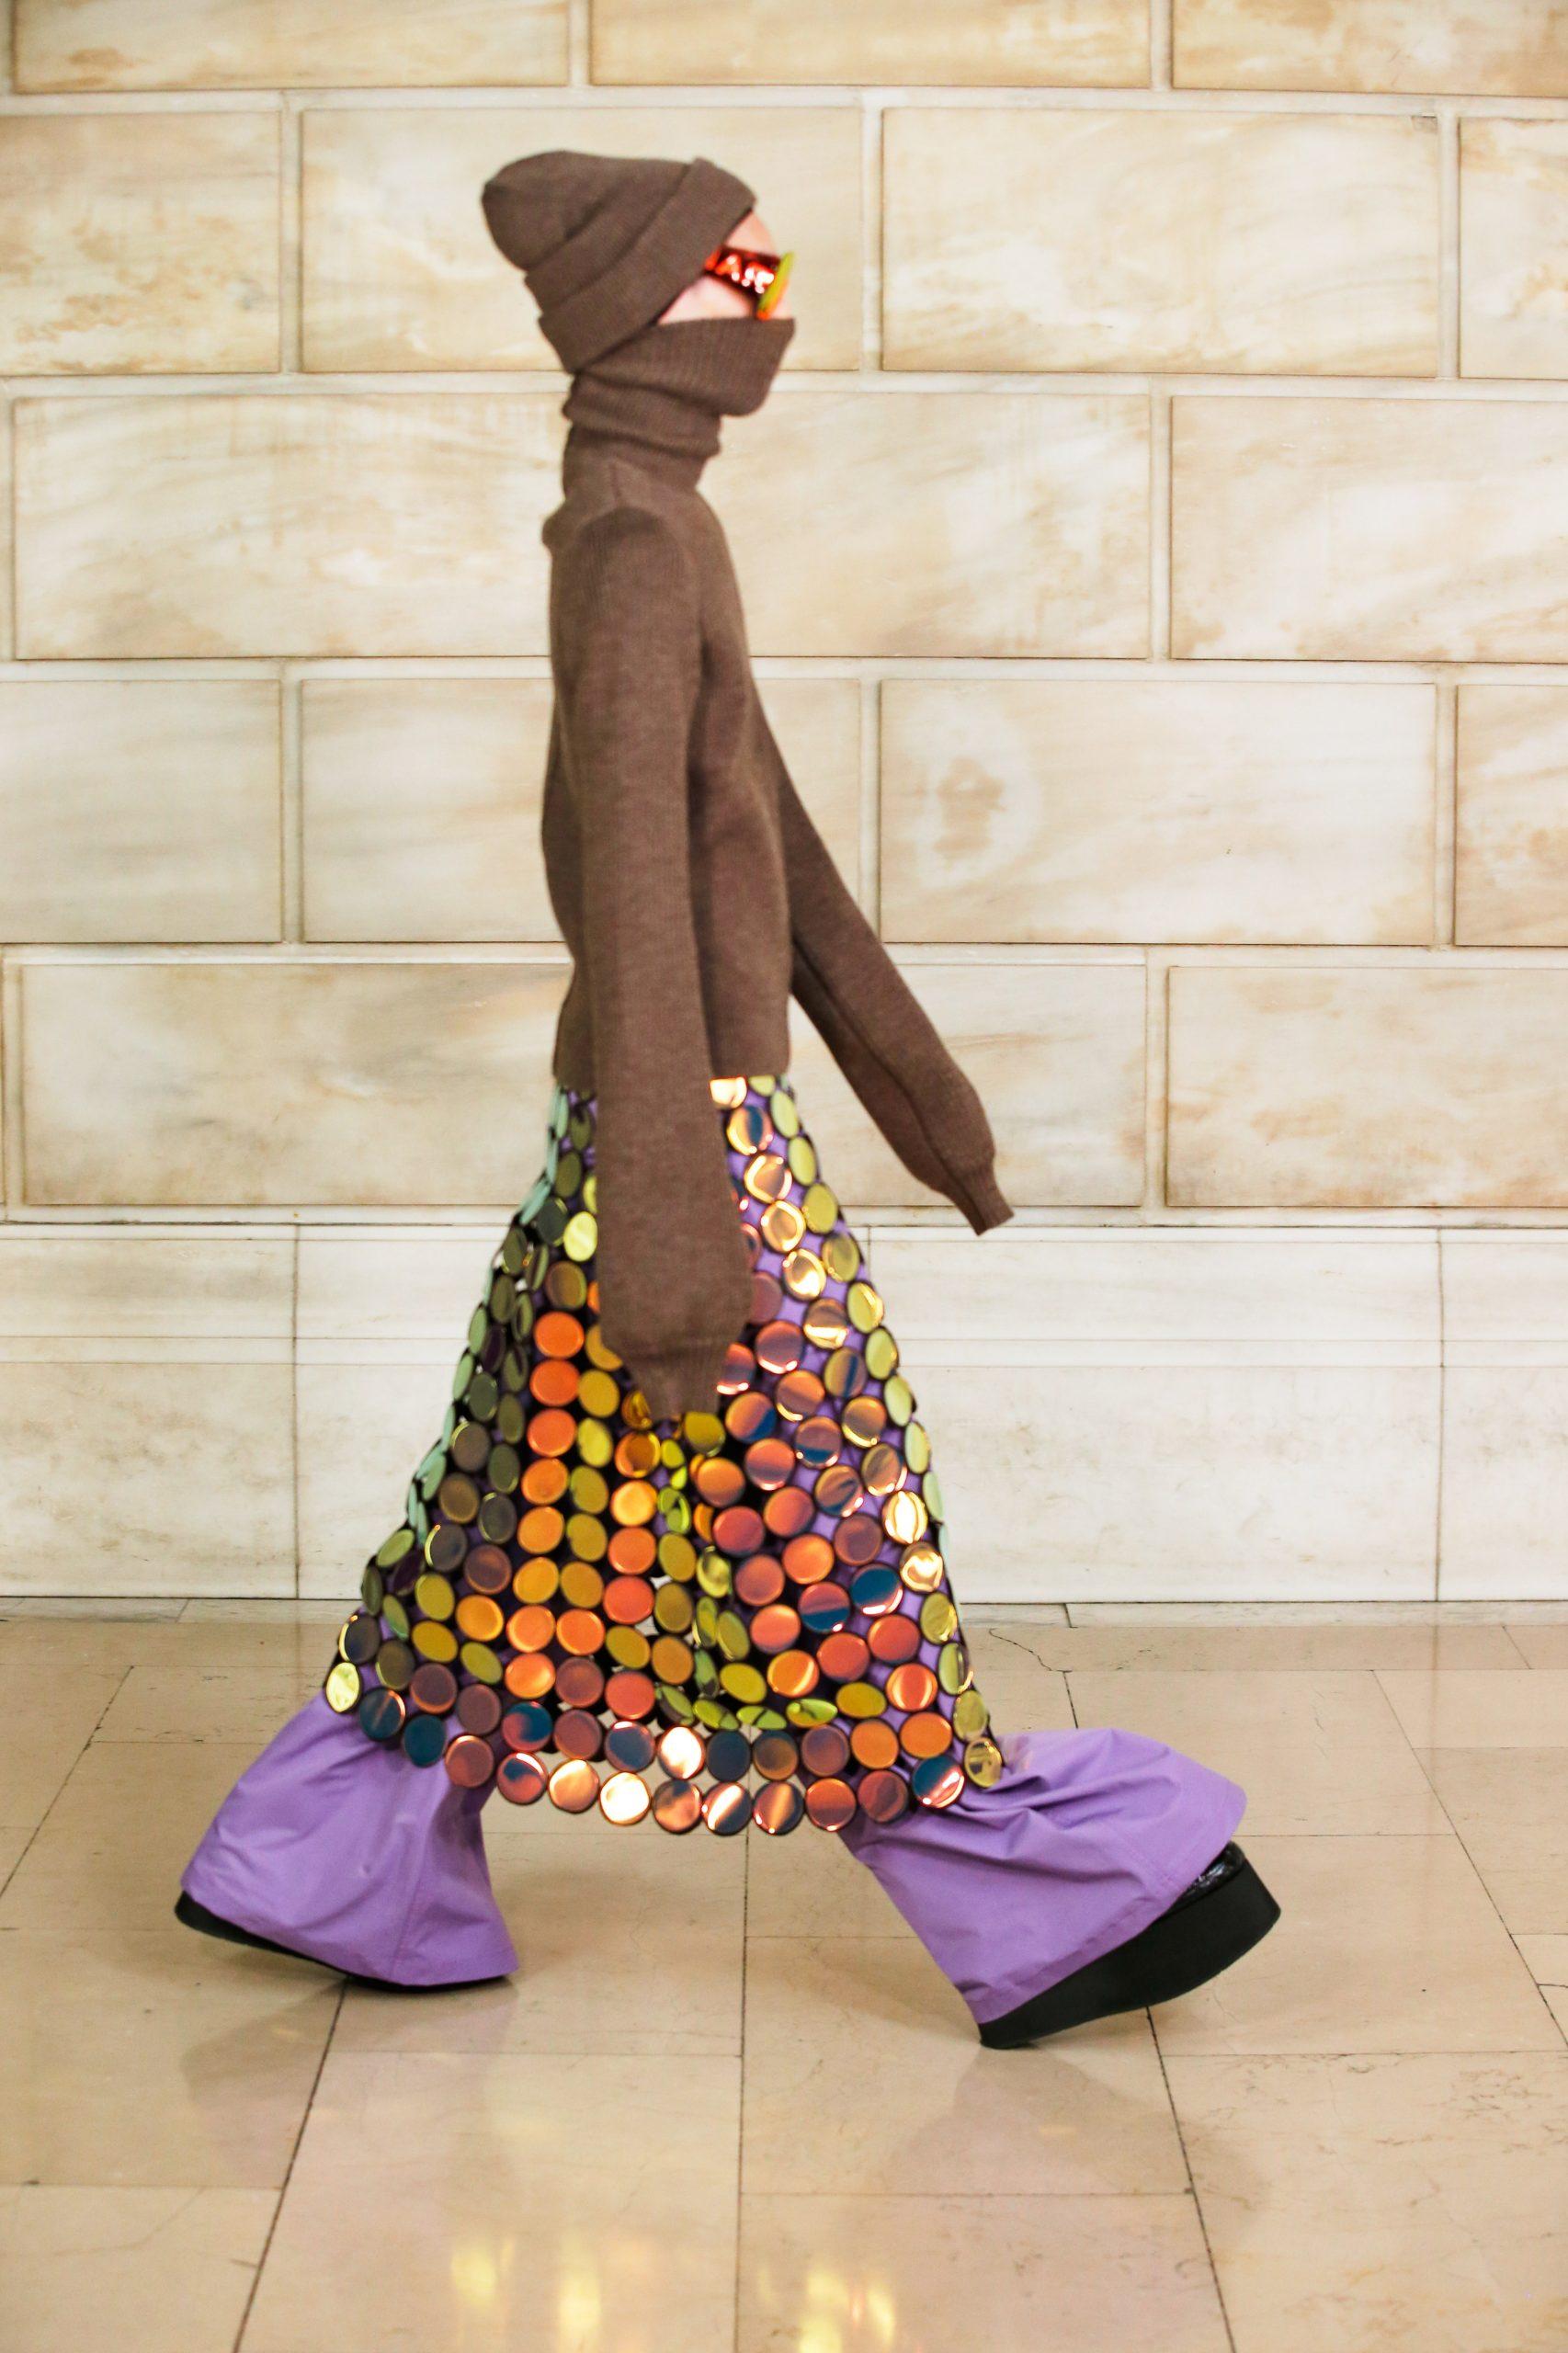 Обувь на платформе, oversize и много цвета в новой коллекции Marc Jacobs FW'22